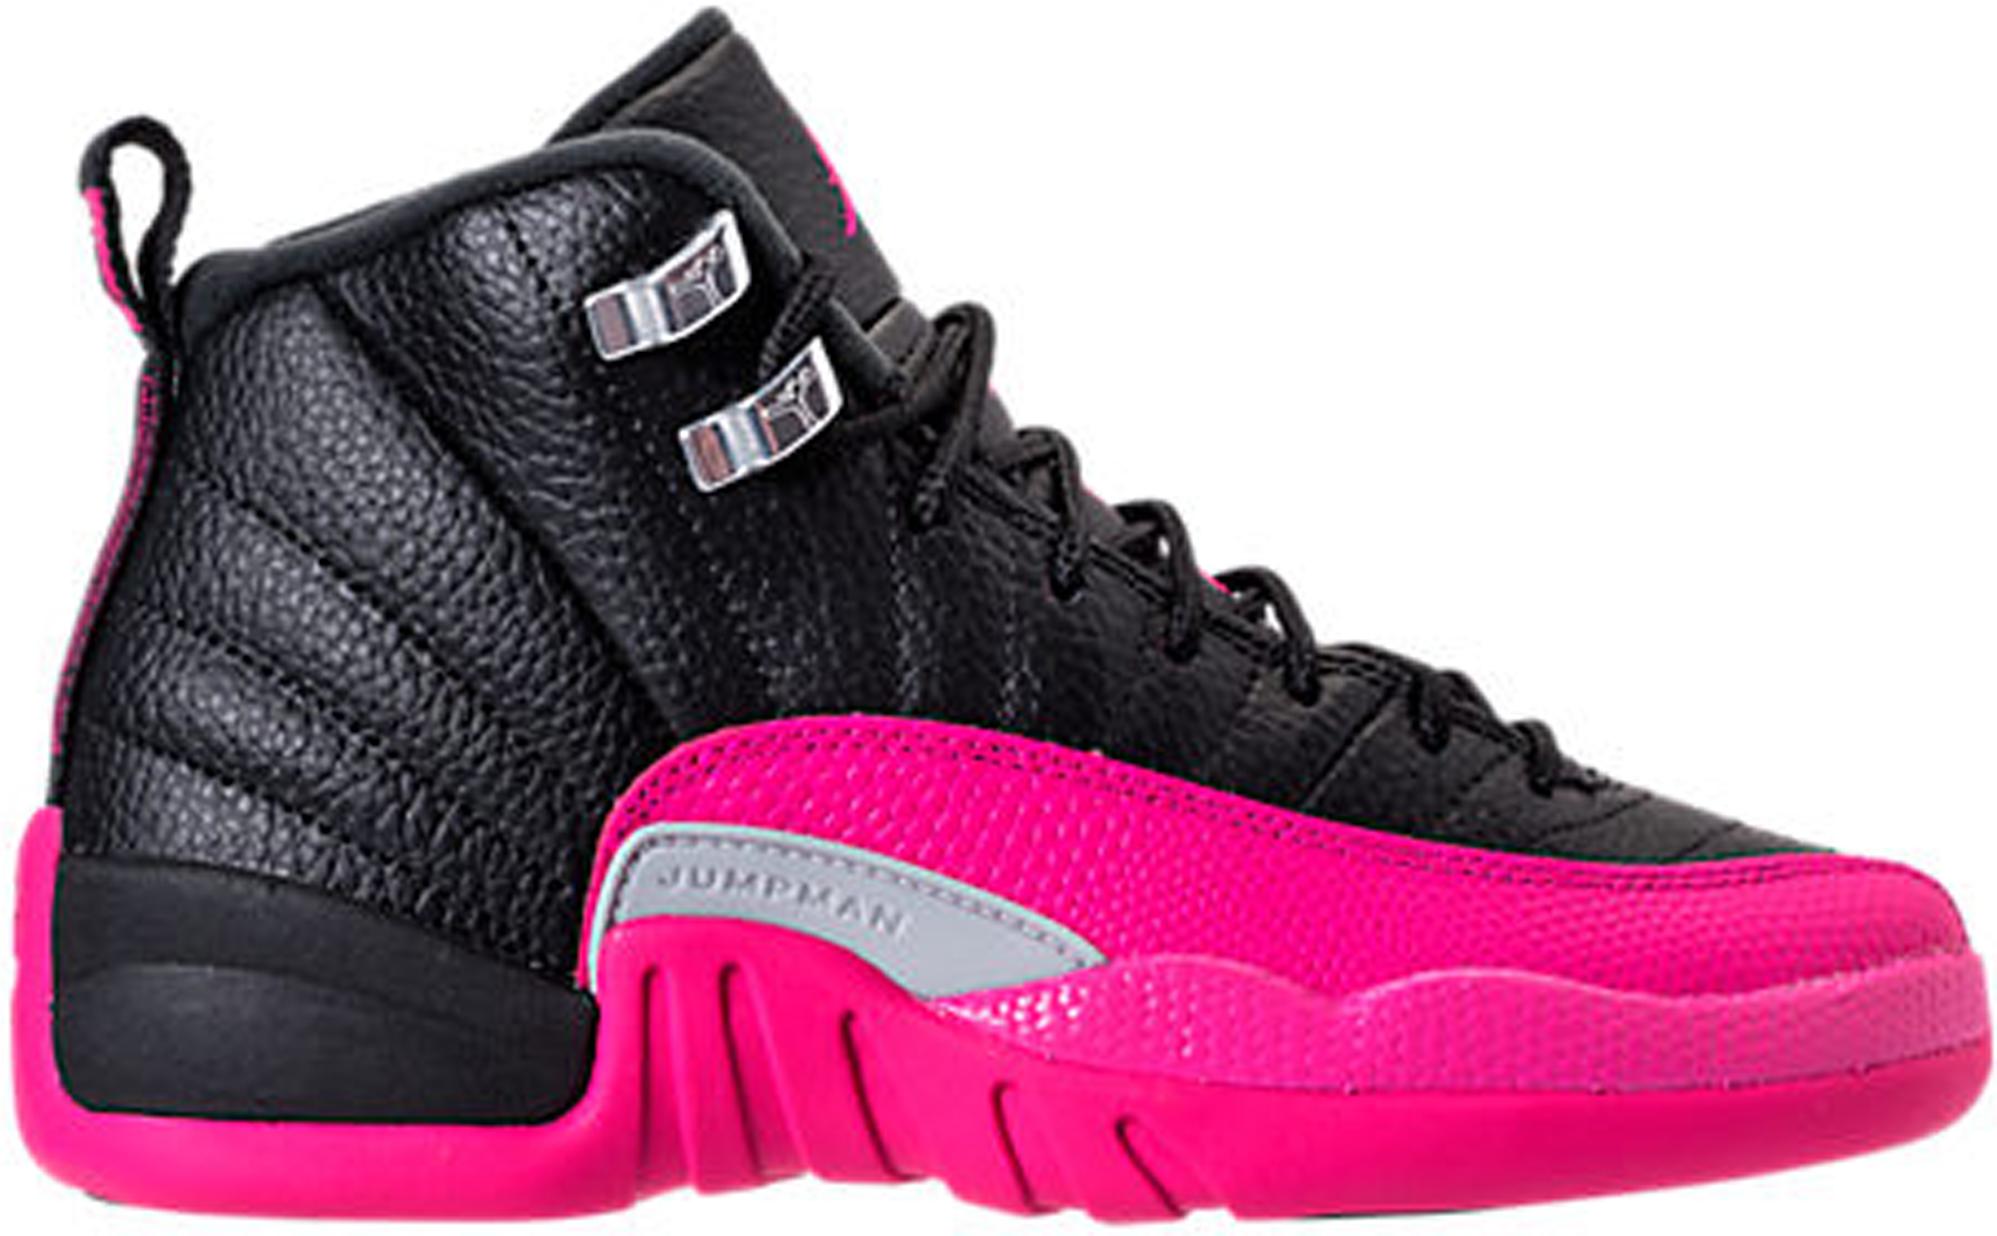 nike air jordan 12 retro pink and black